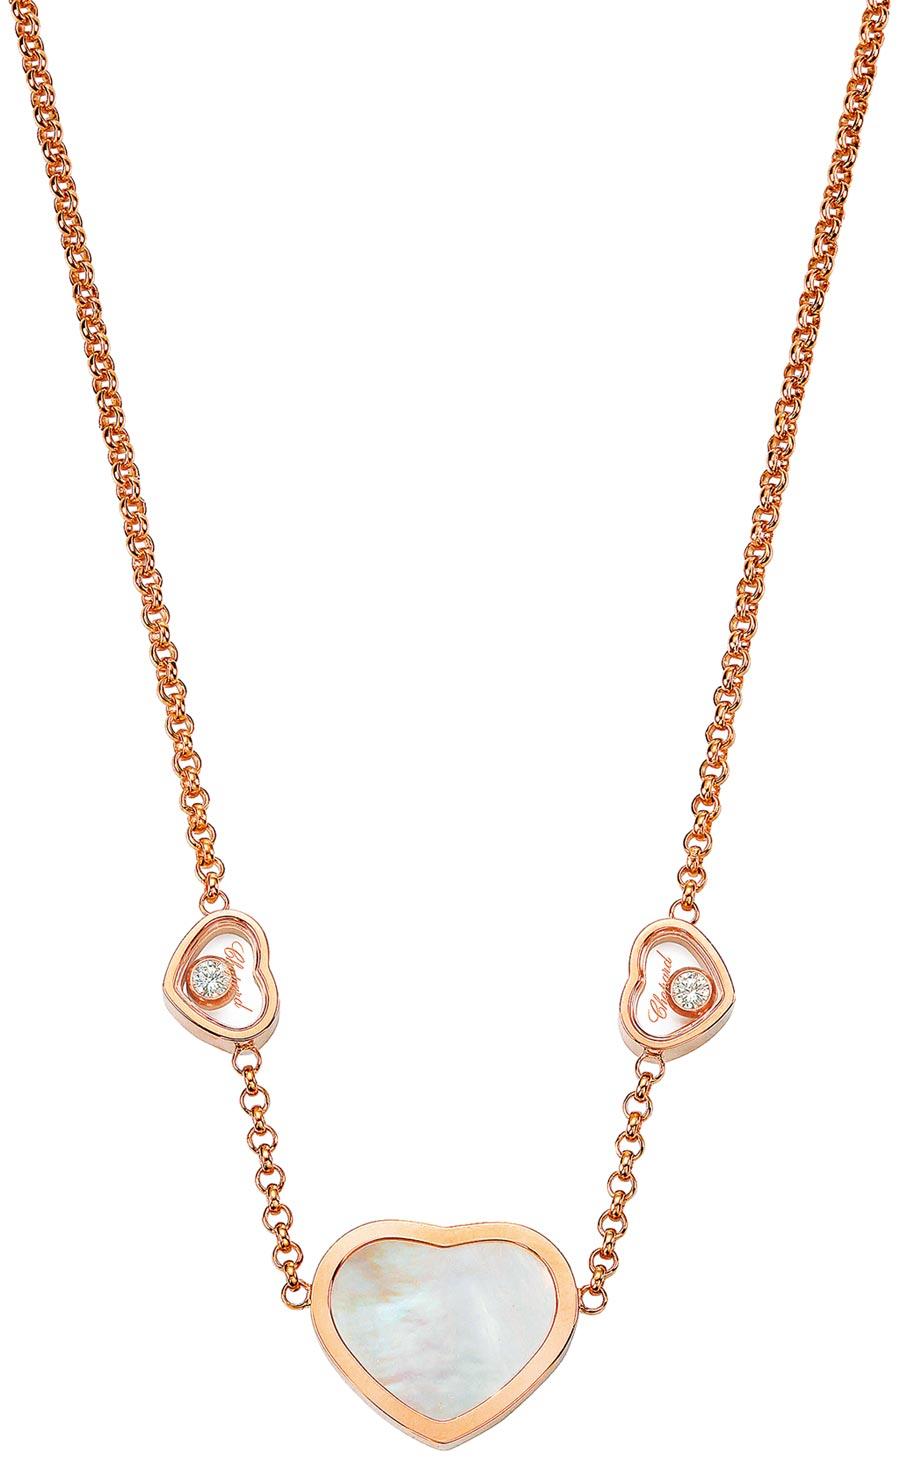 Happy Hearts系列18K玫瑰金項鍊,珍珠母貝材質,搭配兩顆滑動鑽石。